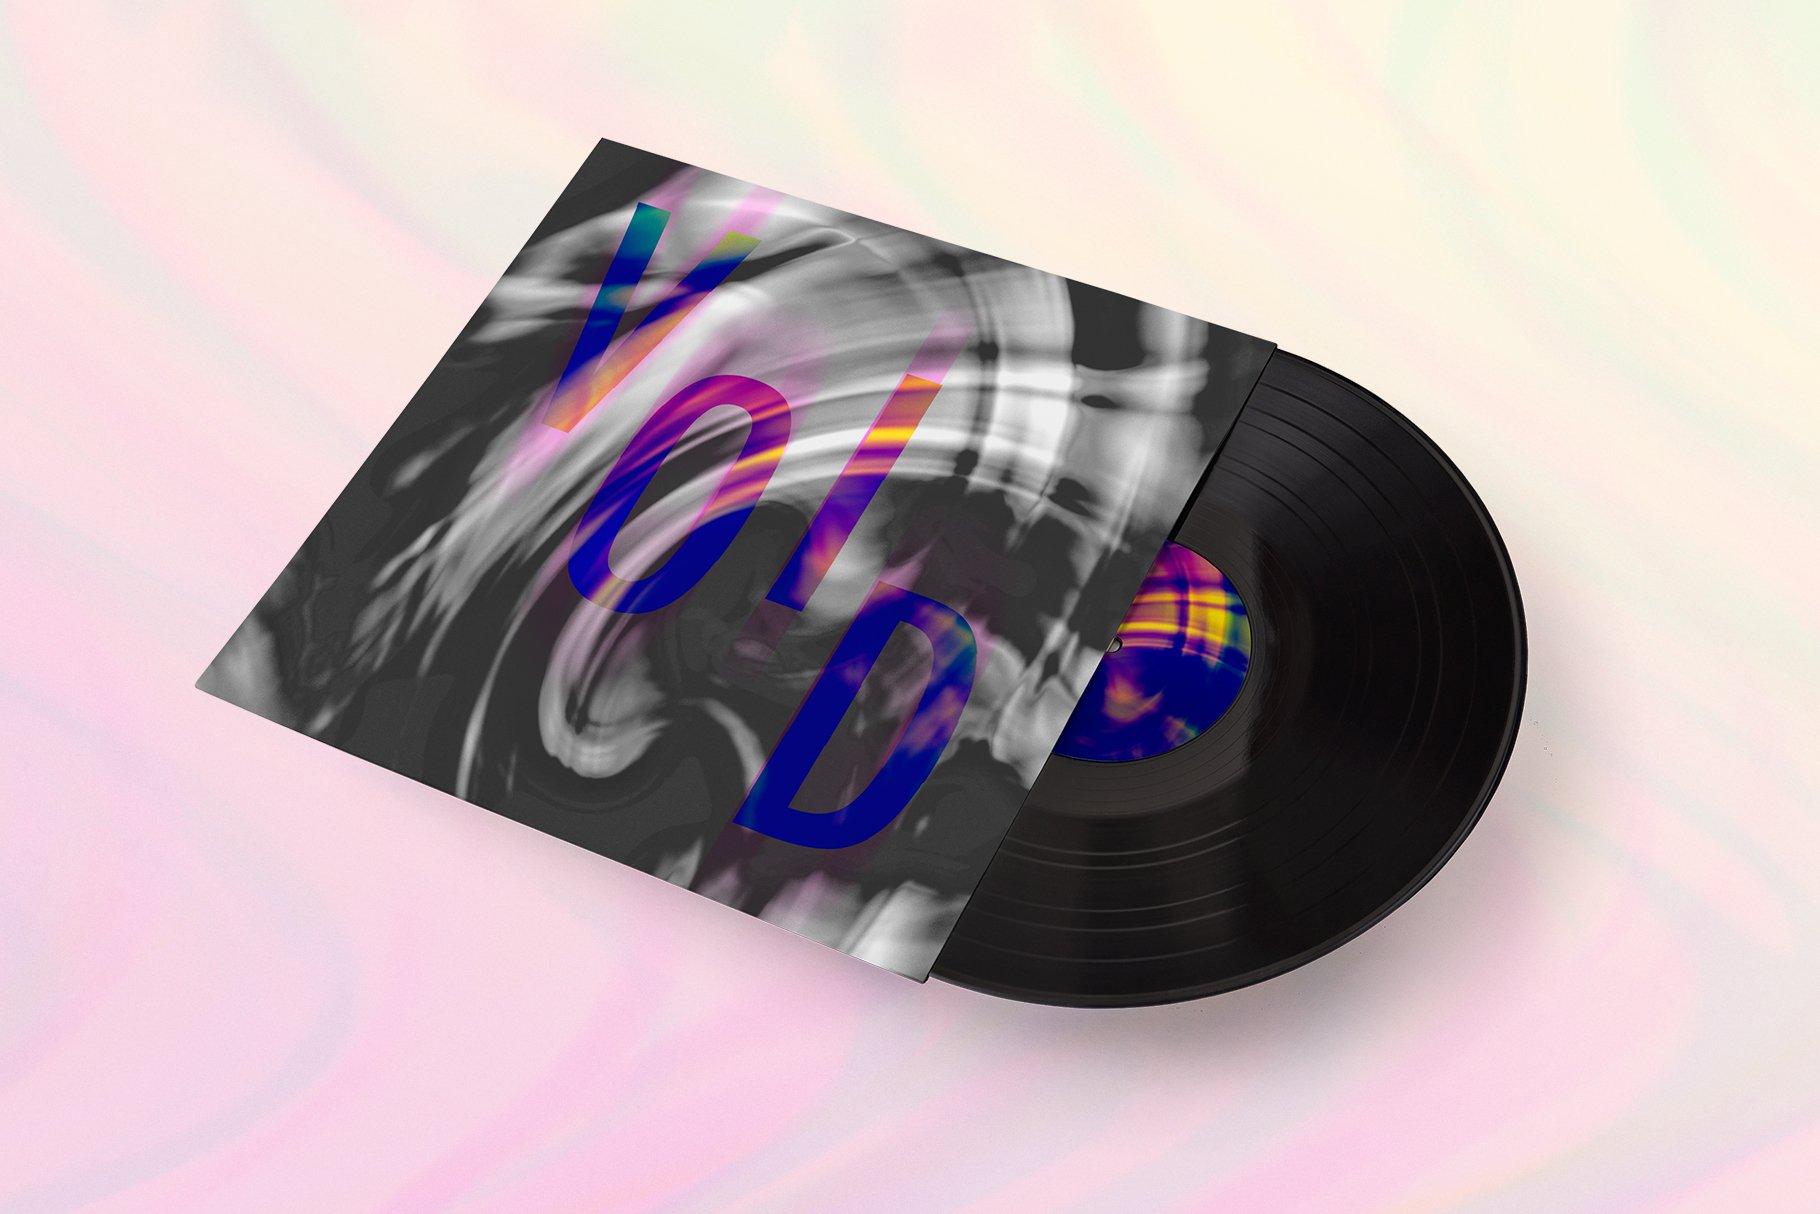 [单独购买] 90款潮流抽象炫彩故障扭曲噪点颗粒纹理海报设计背景图片素材 Experimental Abstract Textures插图3